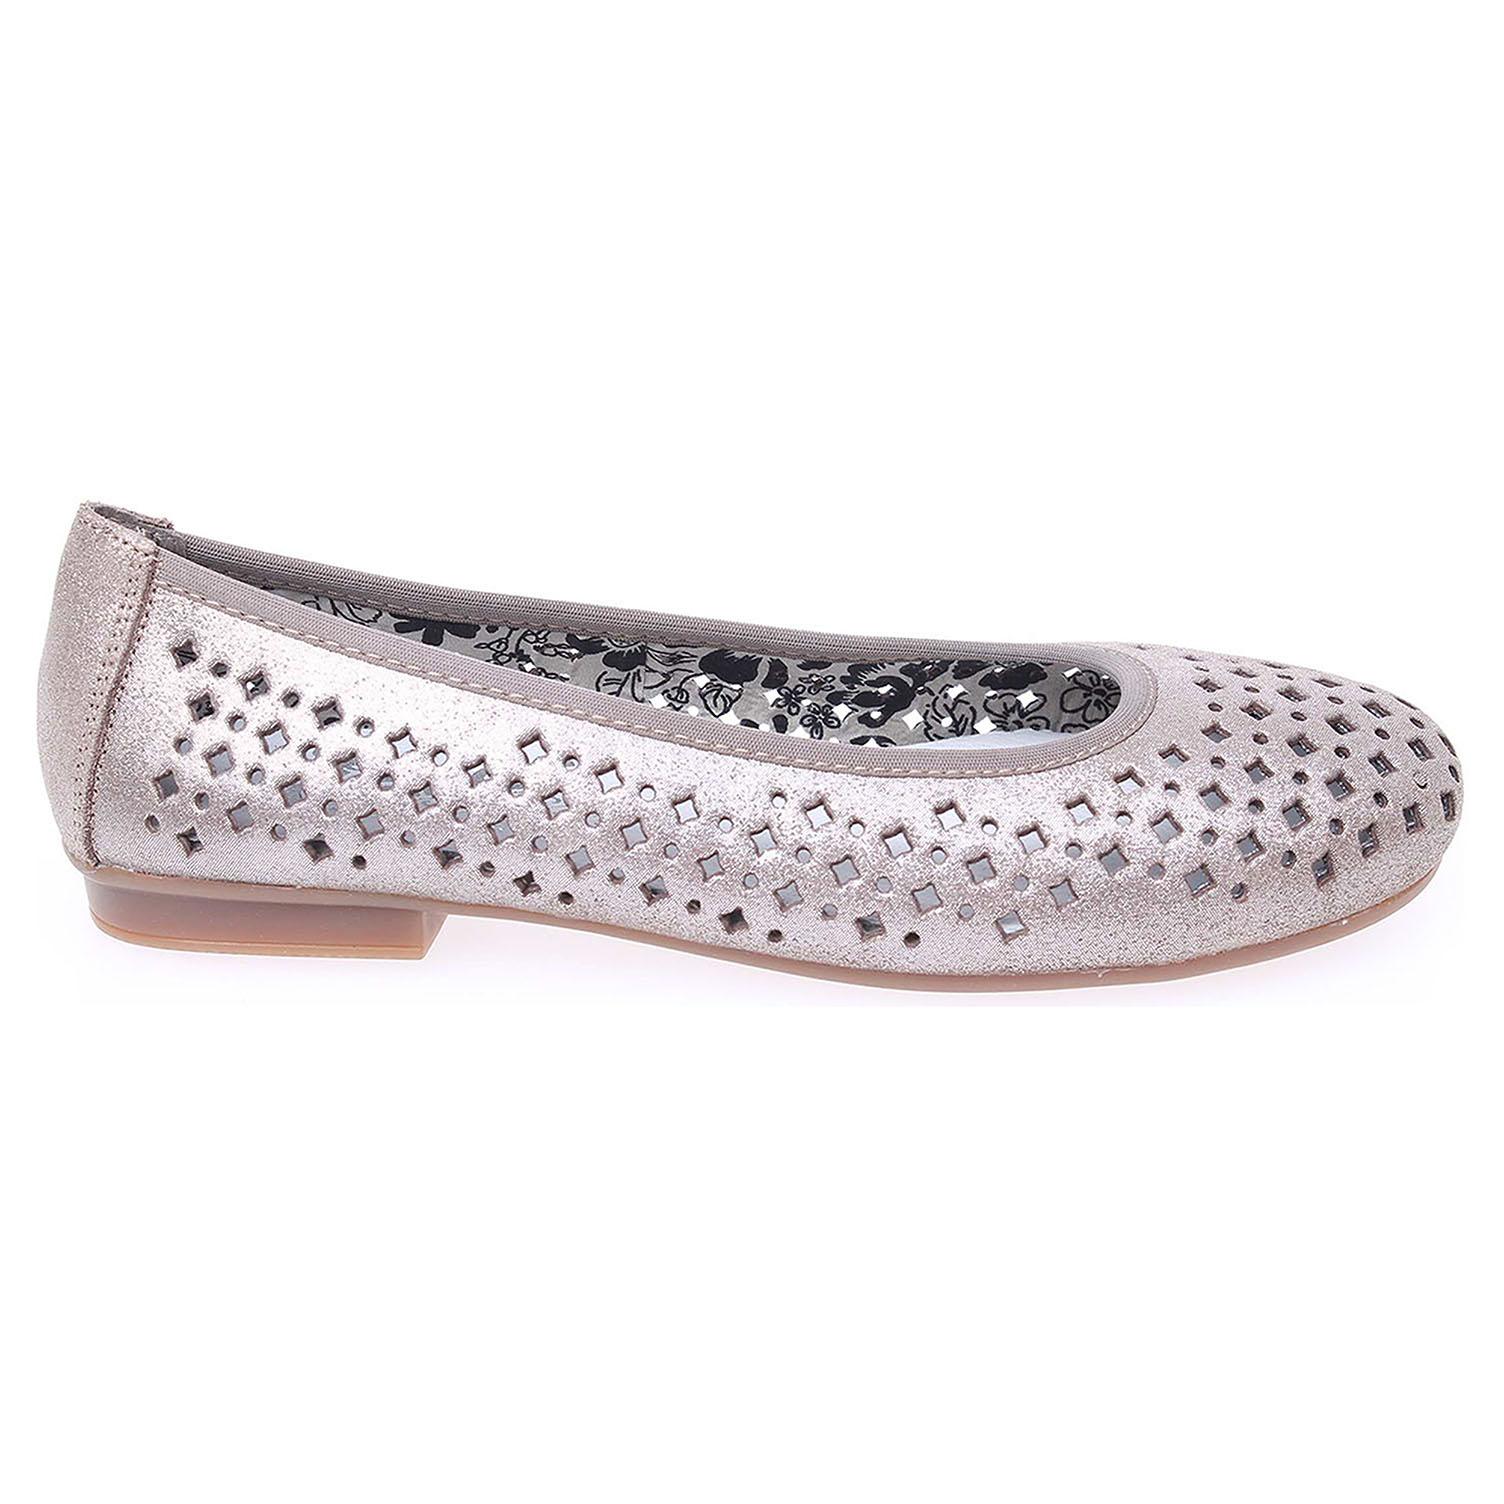 Ecco Rieker dámské baleriny 43457-42 šedé 23300730